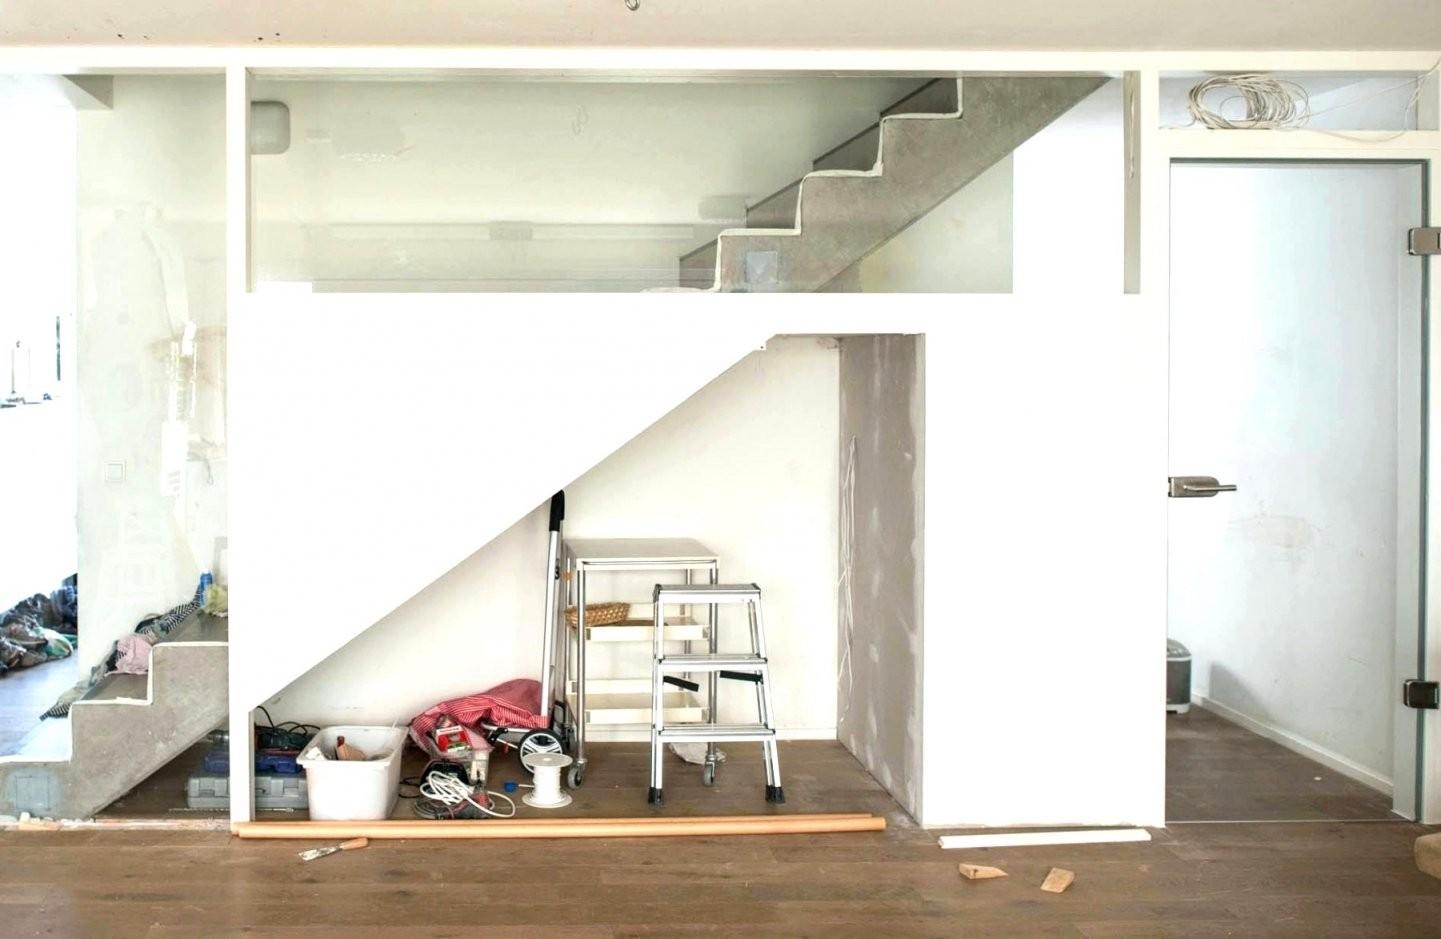 Schrank Unter Treppe With Tittle And Home Ideas Garderobe von Schrank Unter Treppe Kaufen Photo